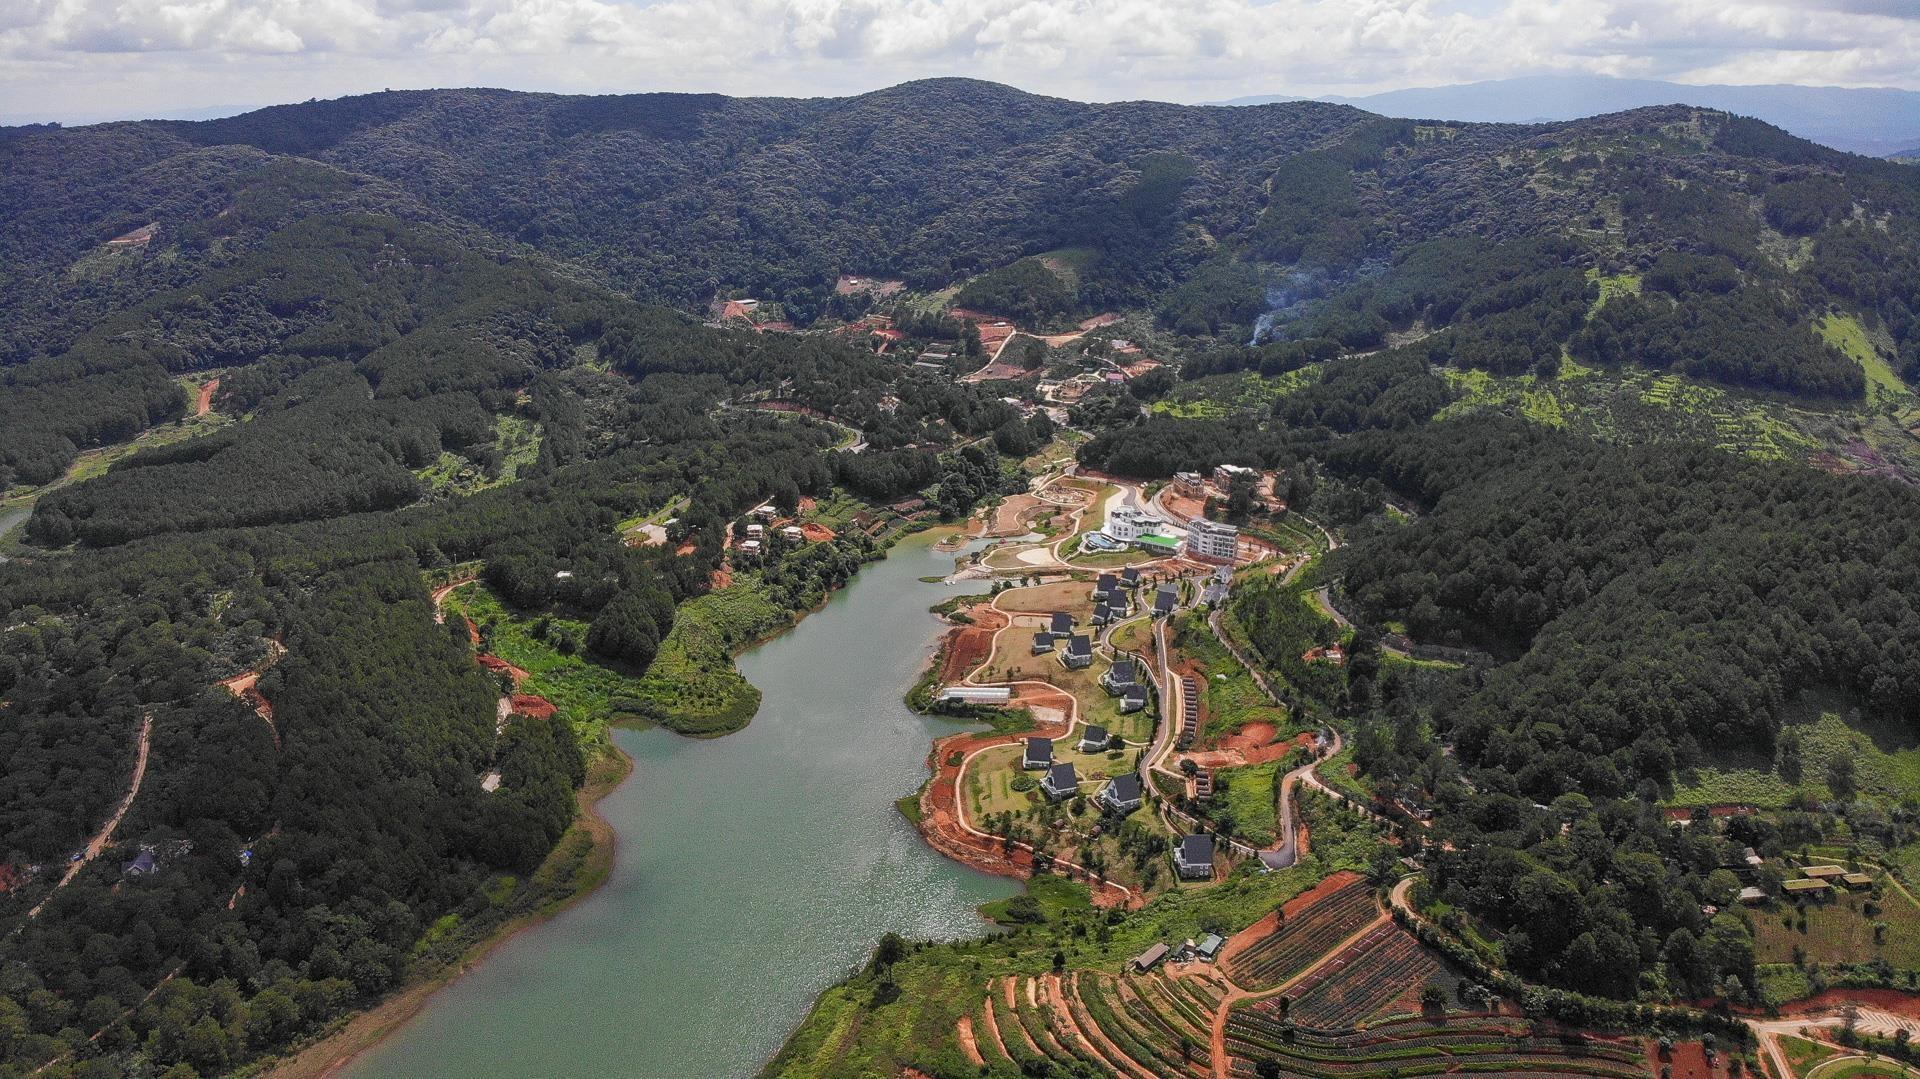 Nhiều dự án bất động sản sai phạm 'bao vây' hồ Tuyền Lâm ở Đà Lạt - Ảnh 2.